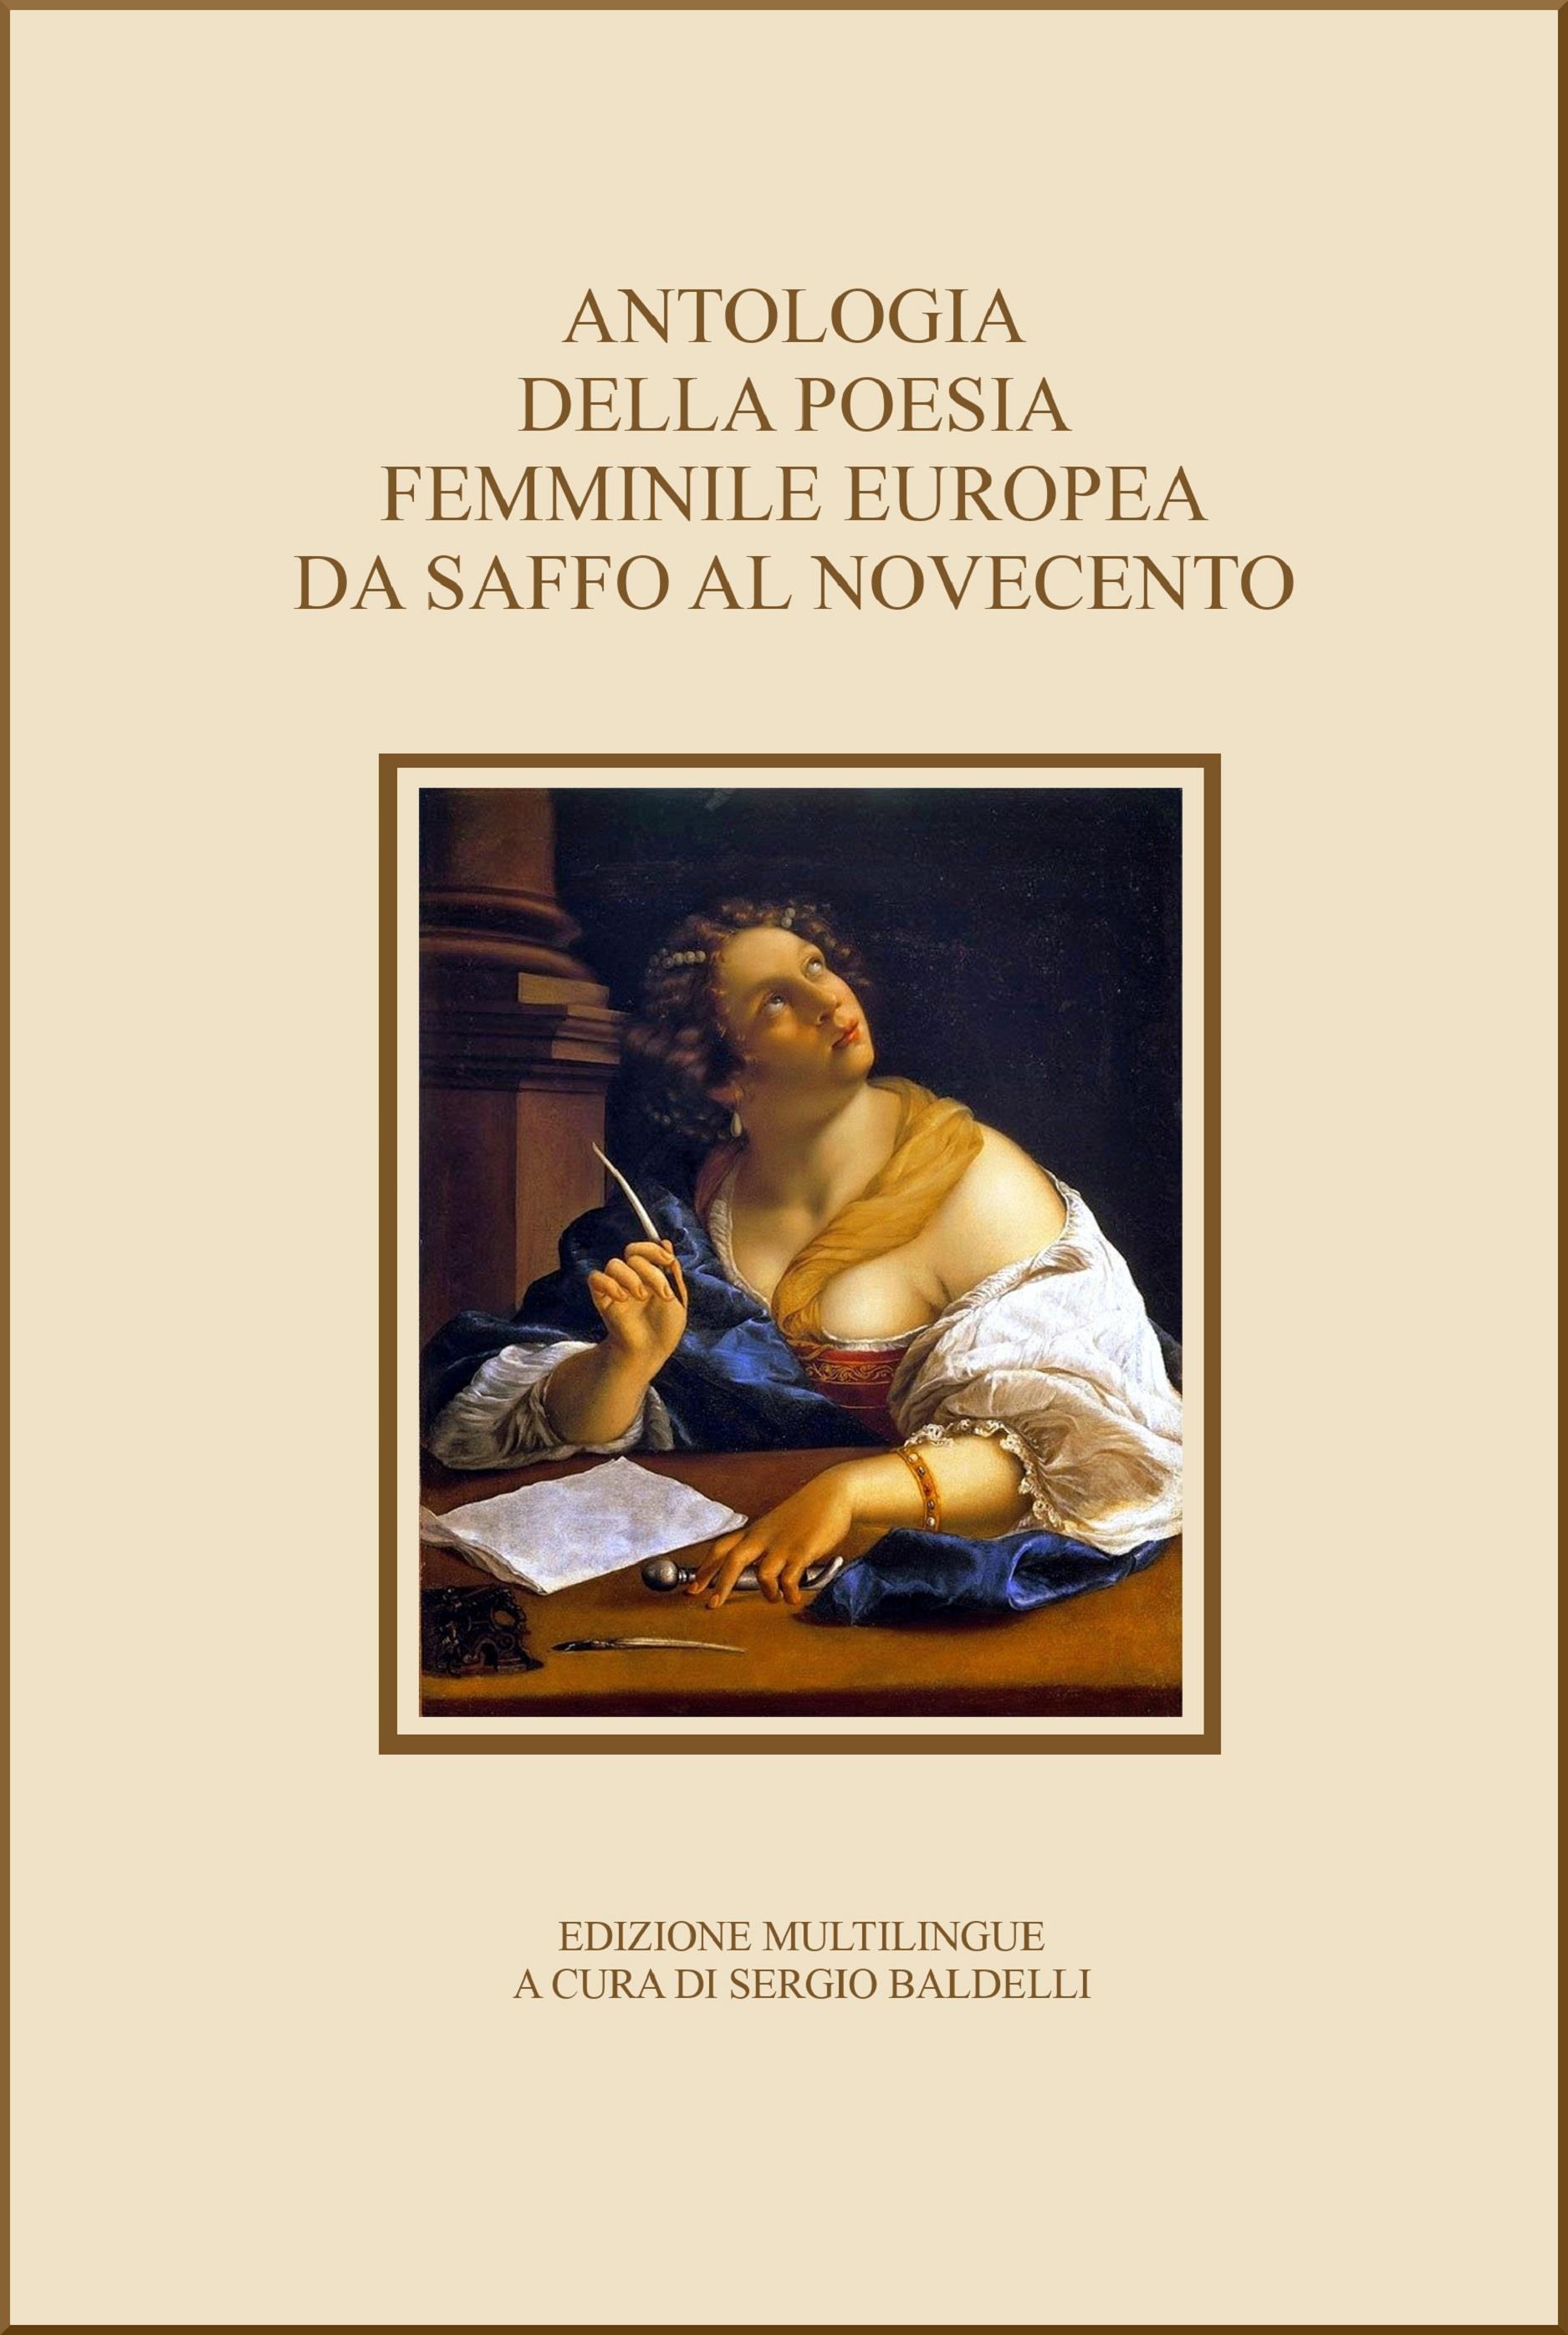 Antologia Della Poesia Femminile Europea Da Saffo Al Novecento